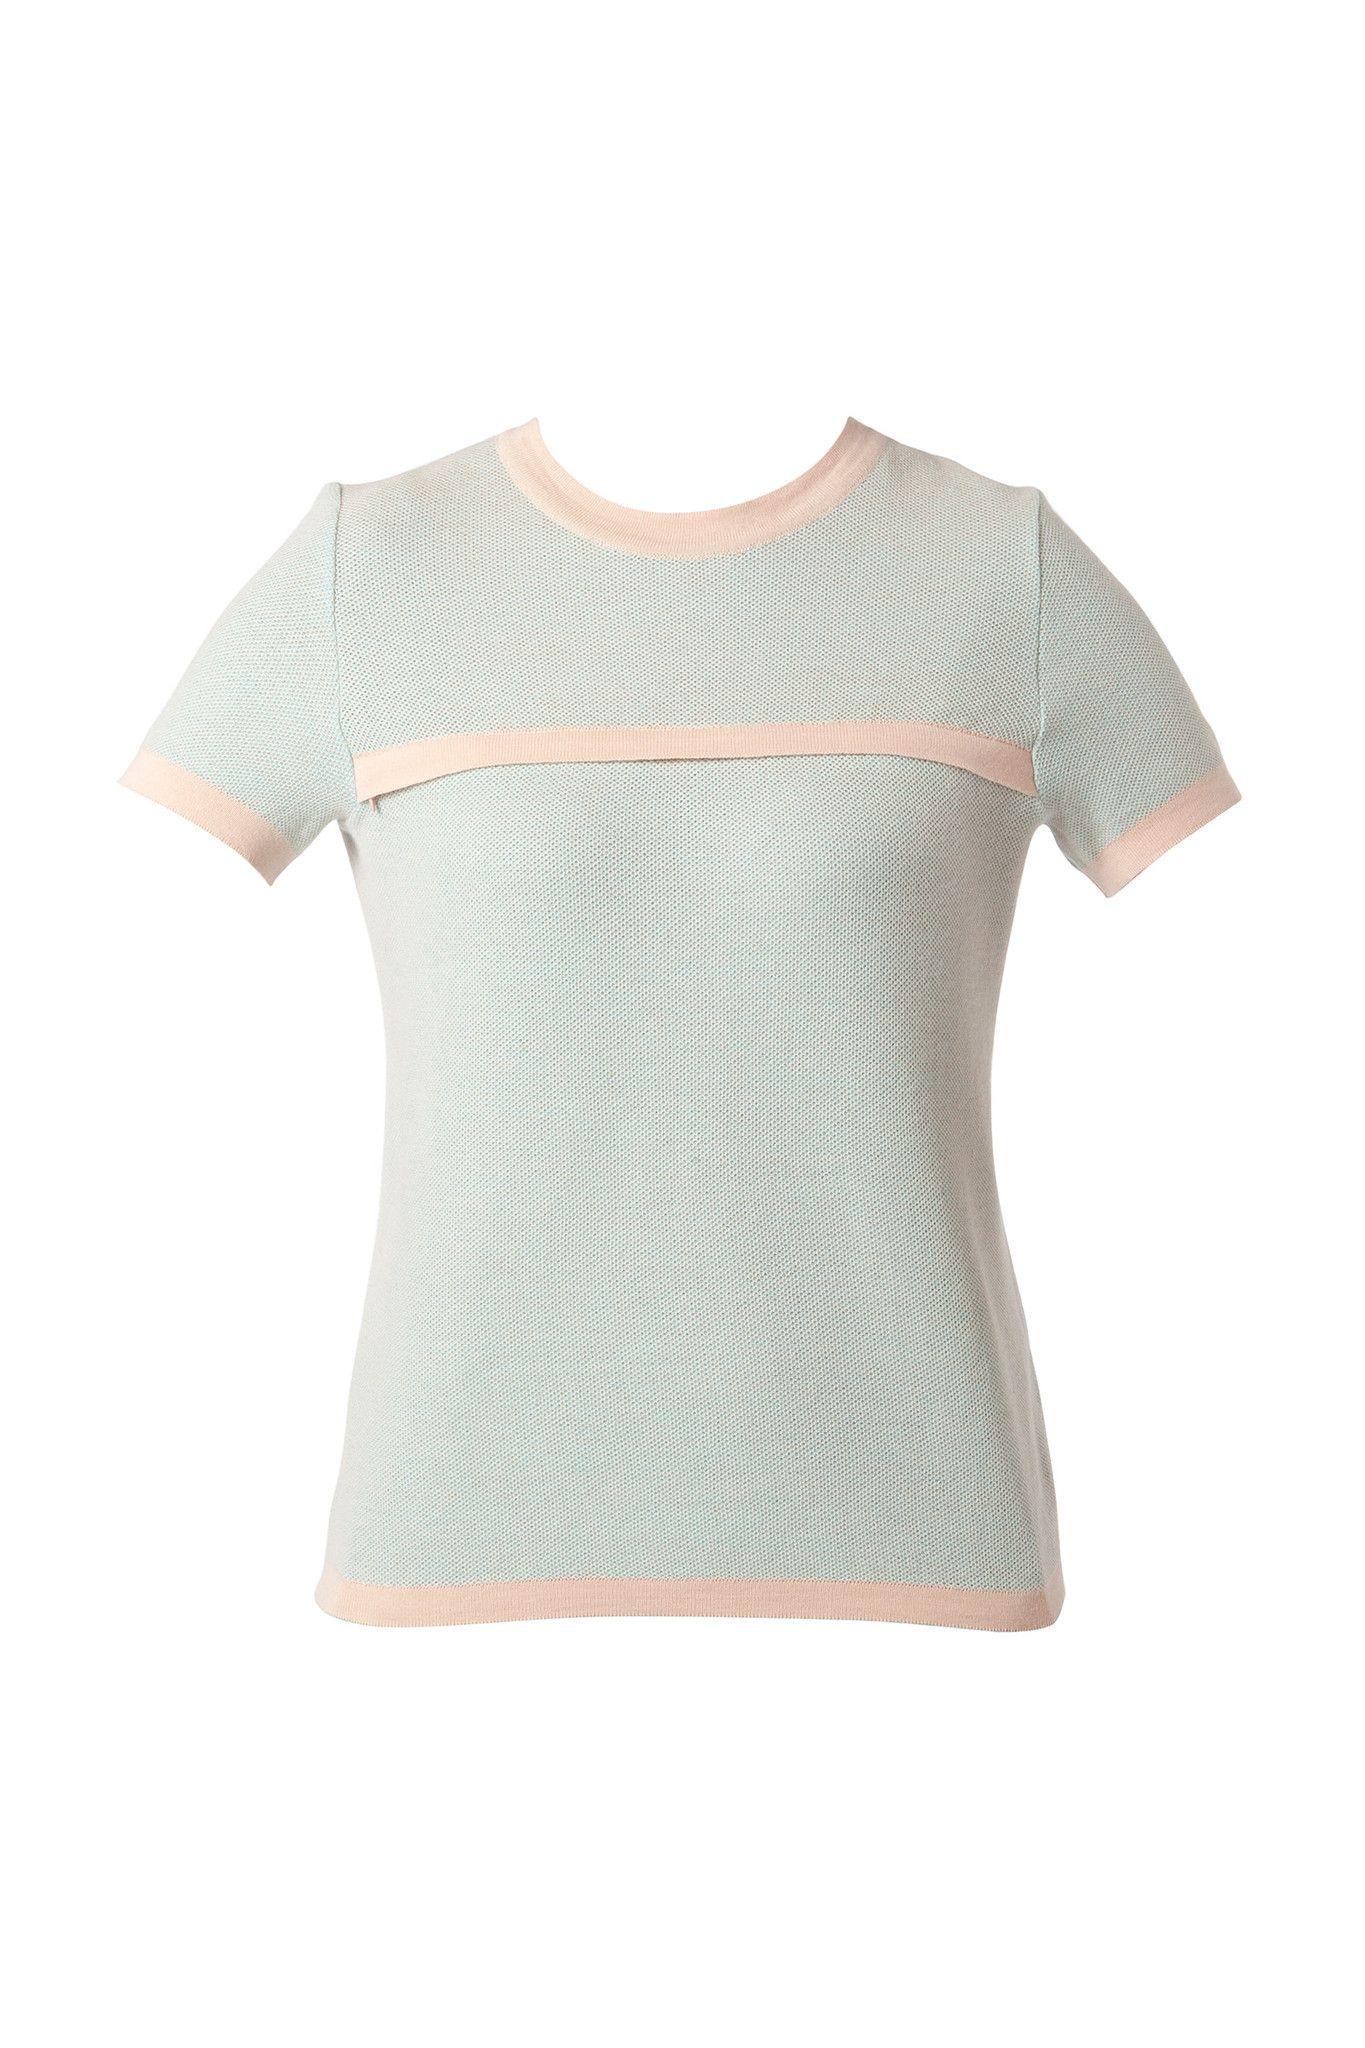 Idee regalo moda 2017 per la festa della mamma come la t-shirt menta di Teat&Cosset